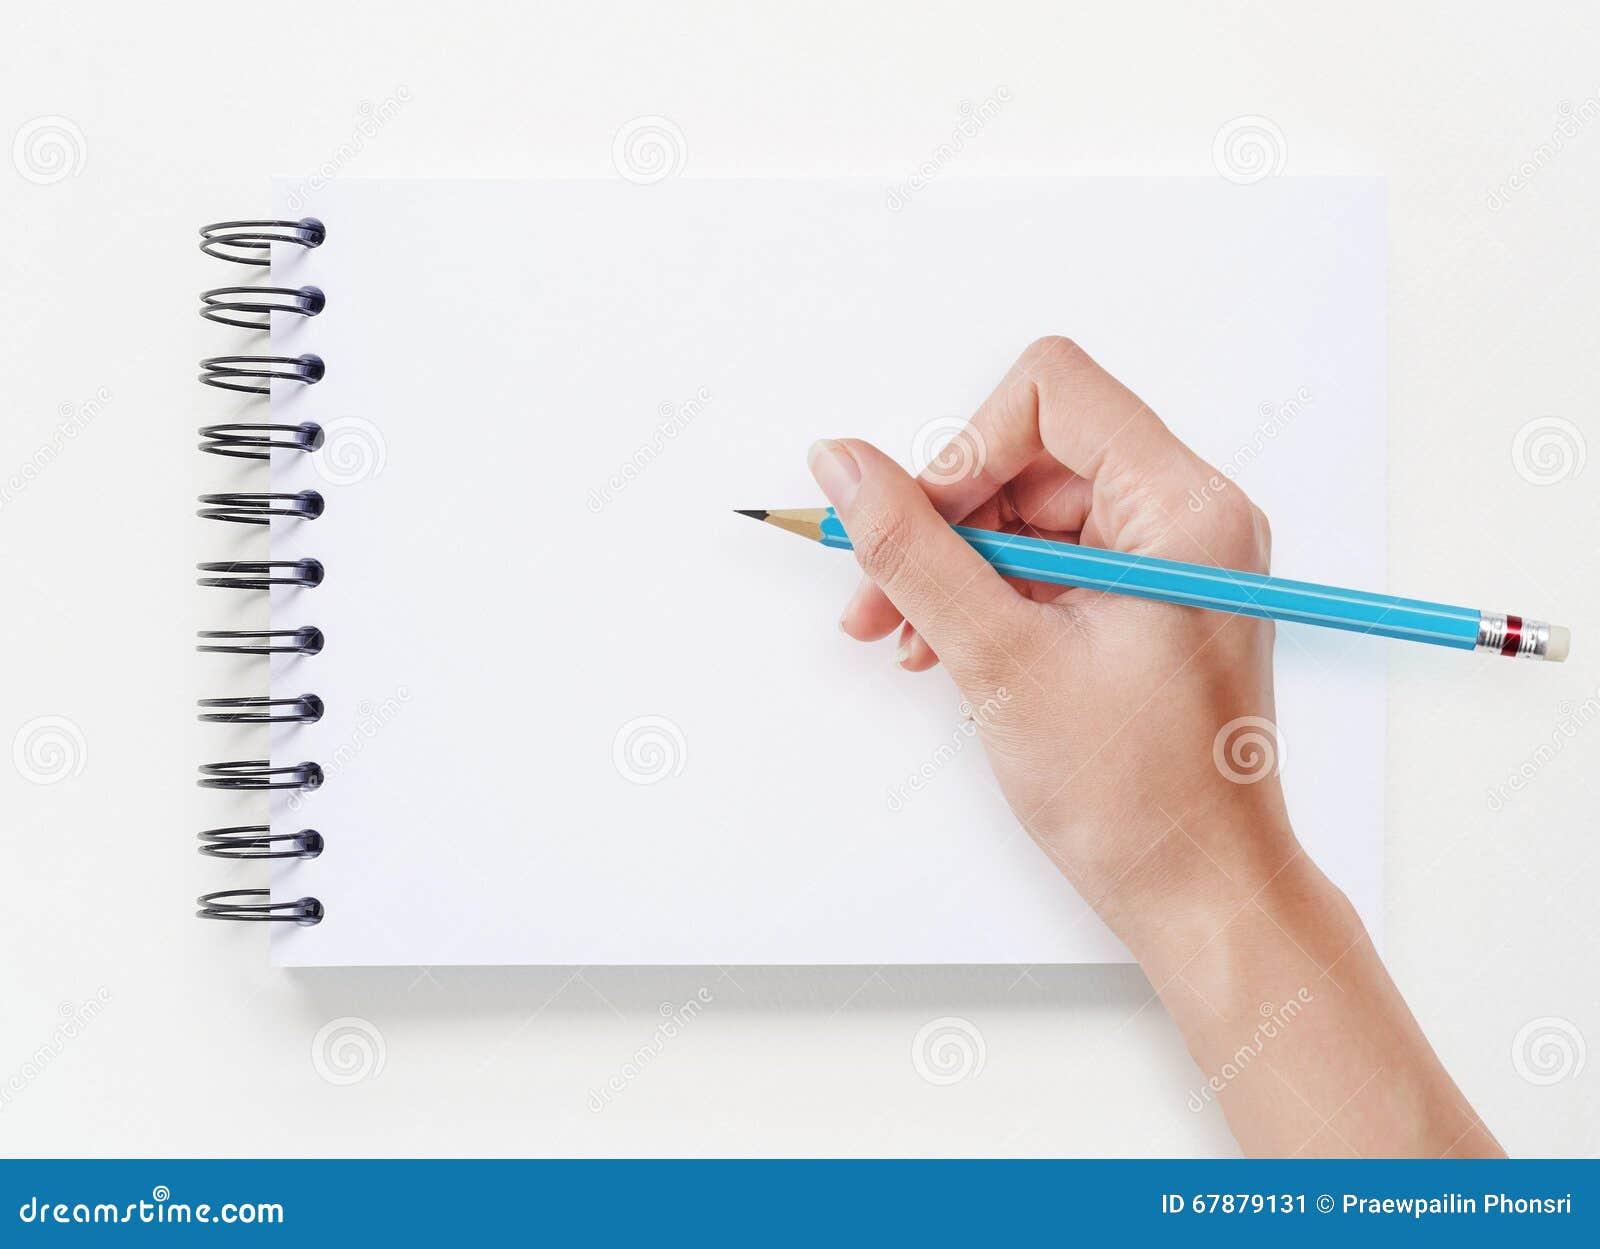 在白色笔记本背景的手图画